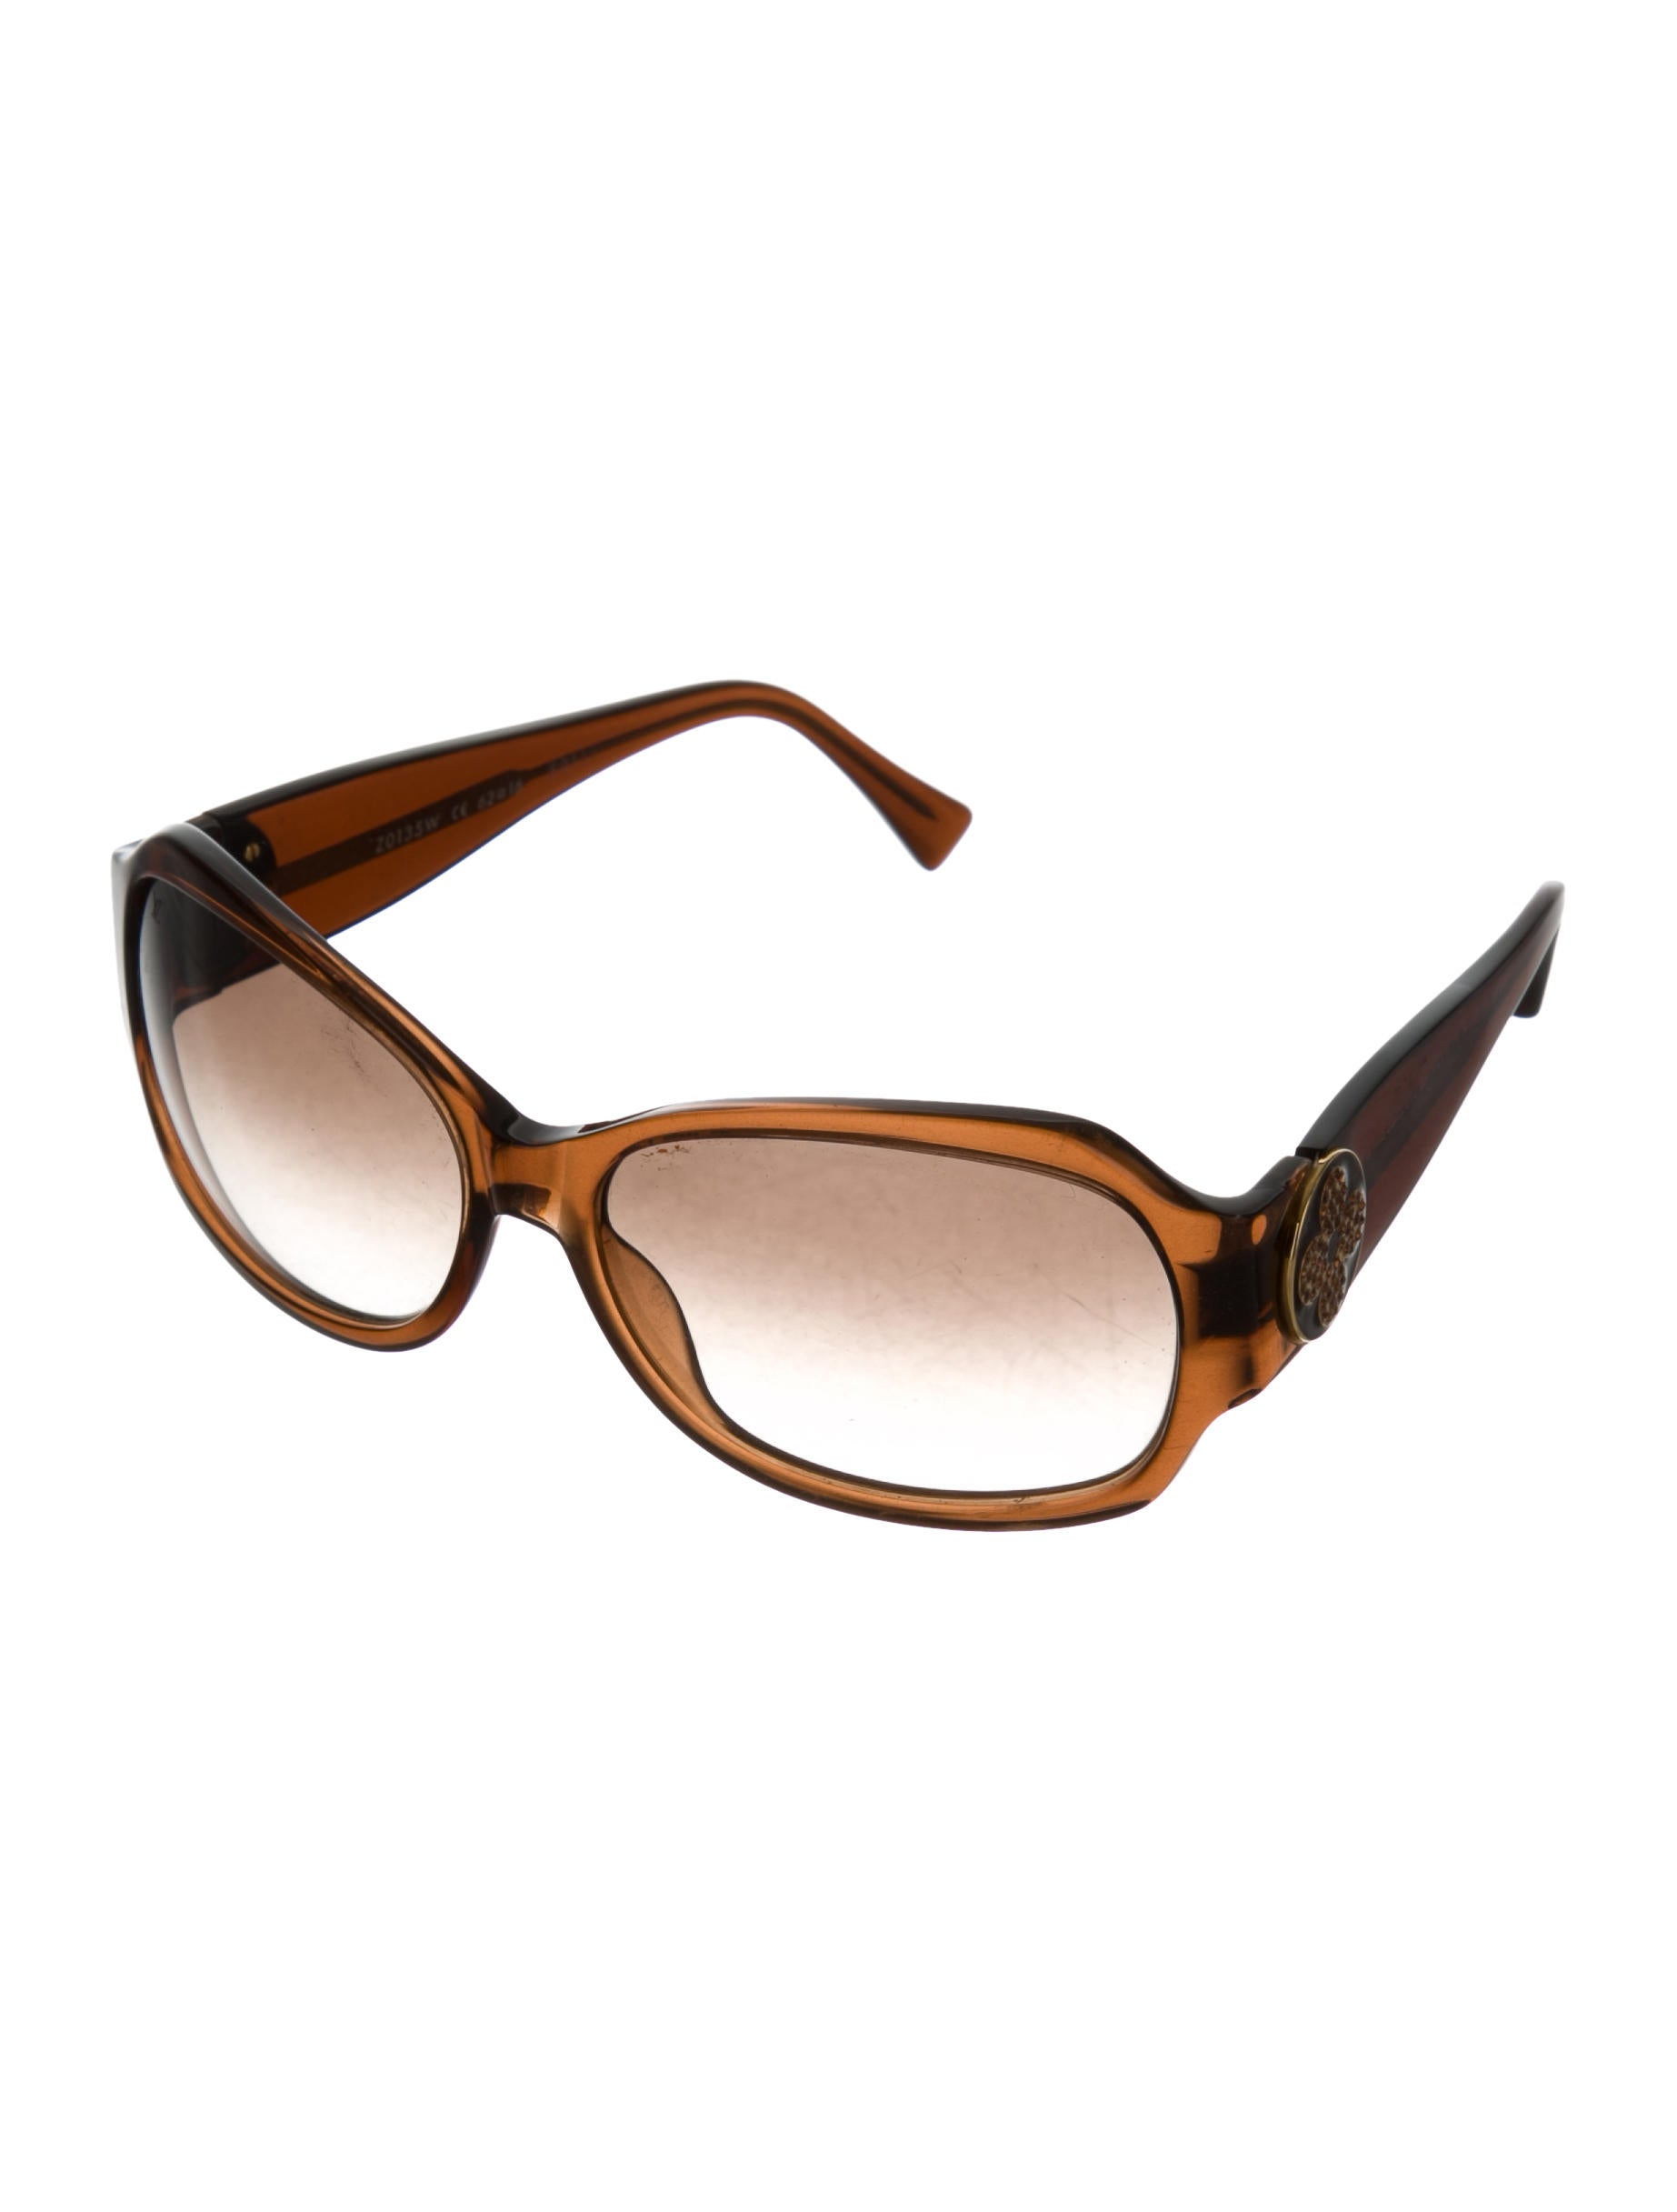 c7f1f90f751 Louis Vuitton Ursula Strass Sunglasses - Accessories - LOU167324 ...